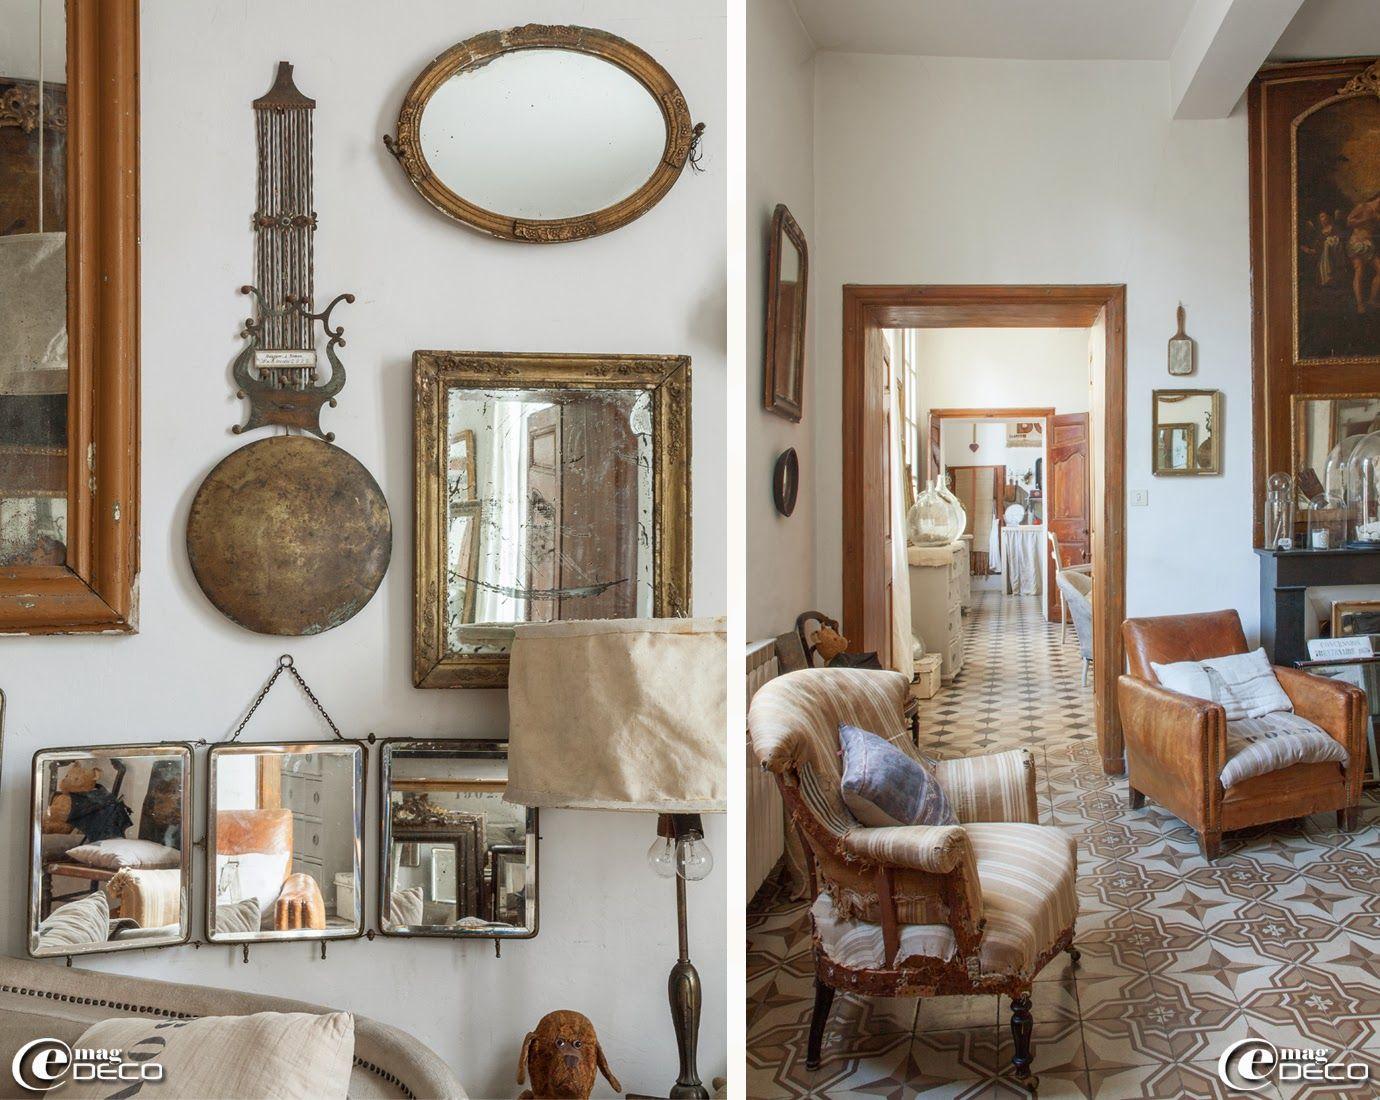 pour d corer le mur d 39 un salon miroir triptyque de voyage cadre dor miroirs balancier de. Black Bedroom Furniture Sets. Home Design Ideas